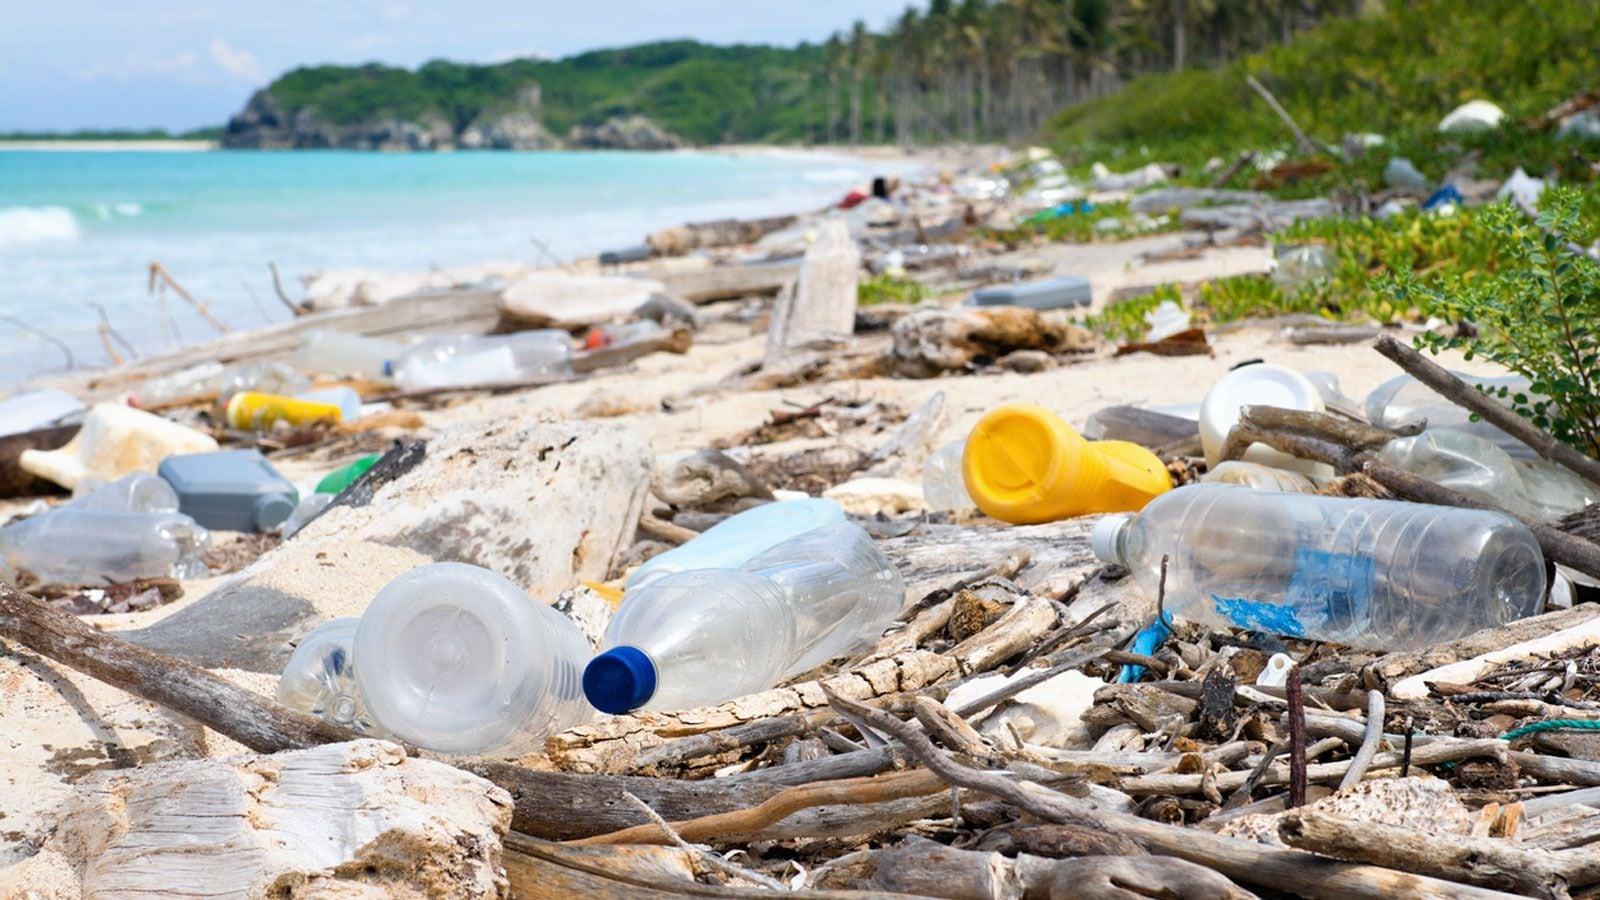 海に漂う「プラスチックごみ」の深刻すぎる影響 | 政策 | 東洋経済 ...